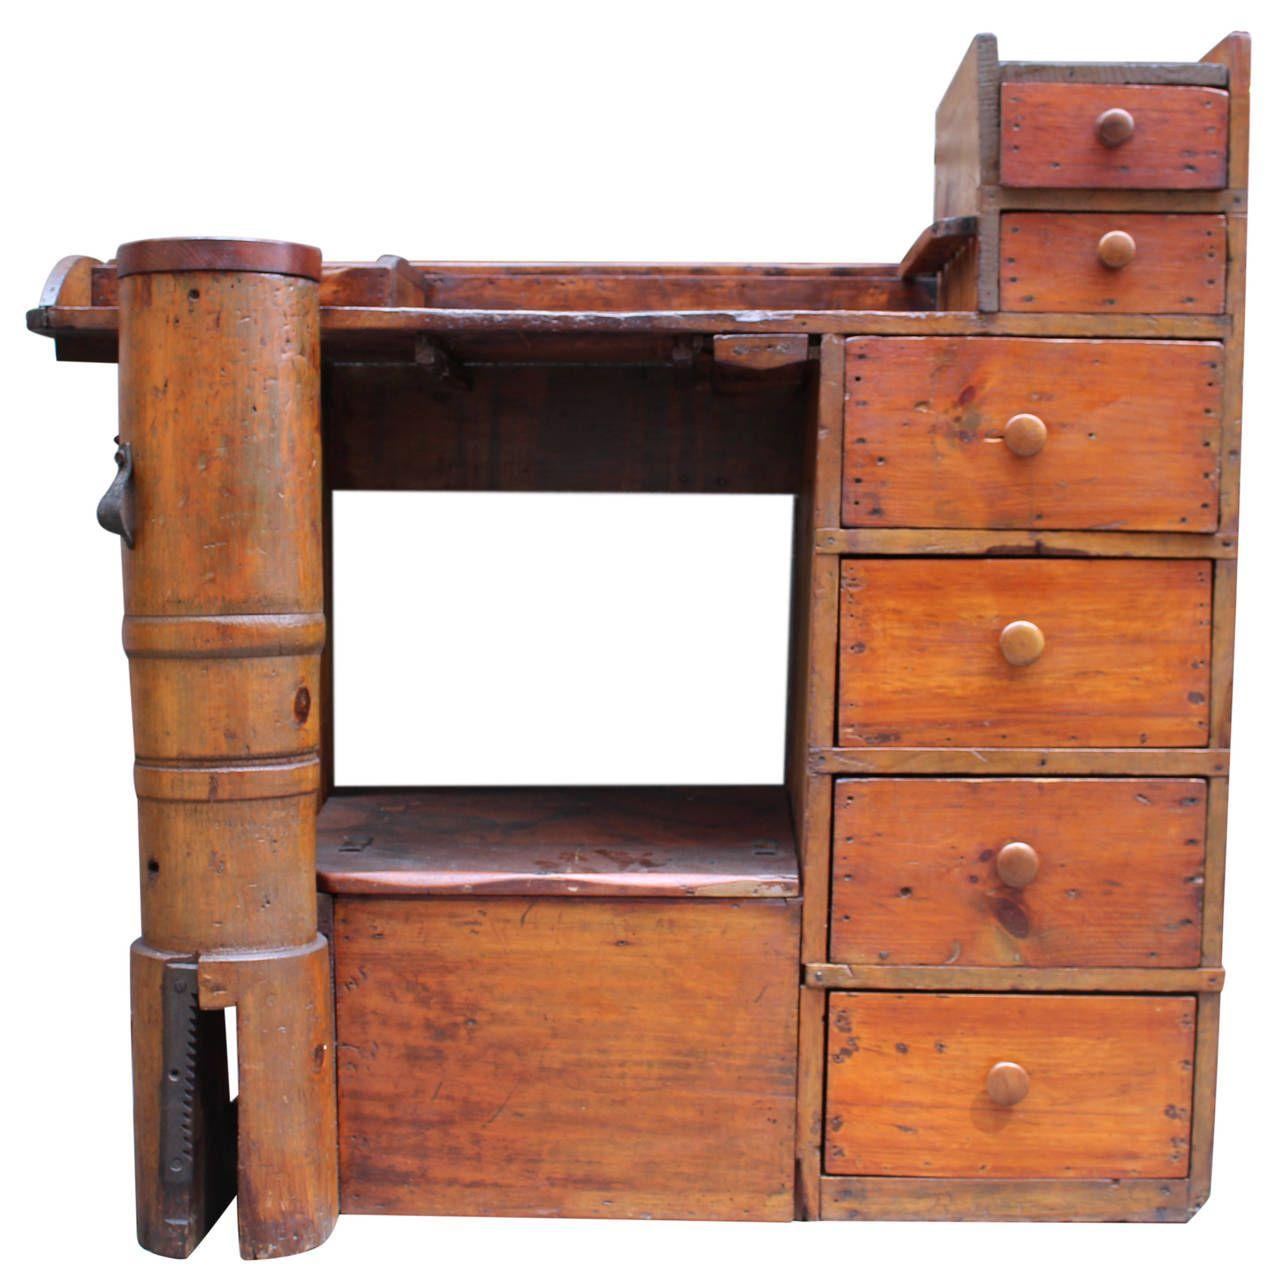 Uncategorized Antique Work Desk 1880s antique pine shoe cobbler work desk with drawers and cubbyholes